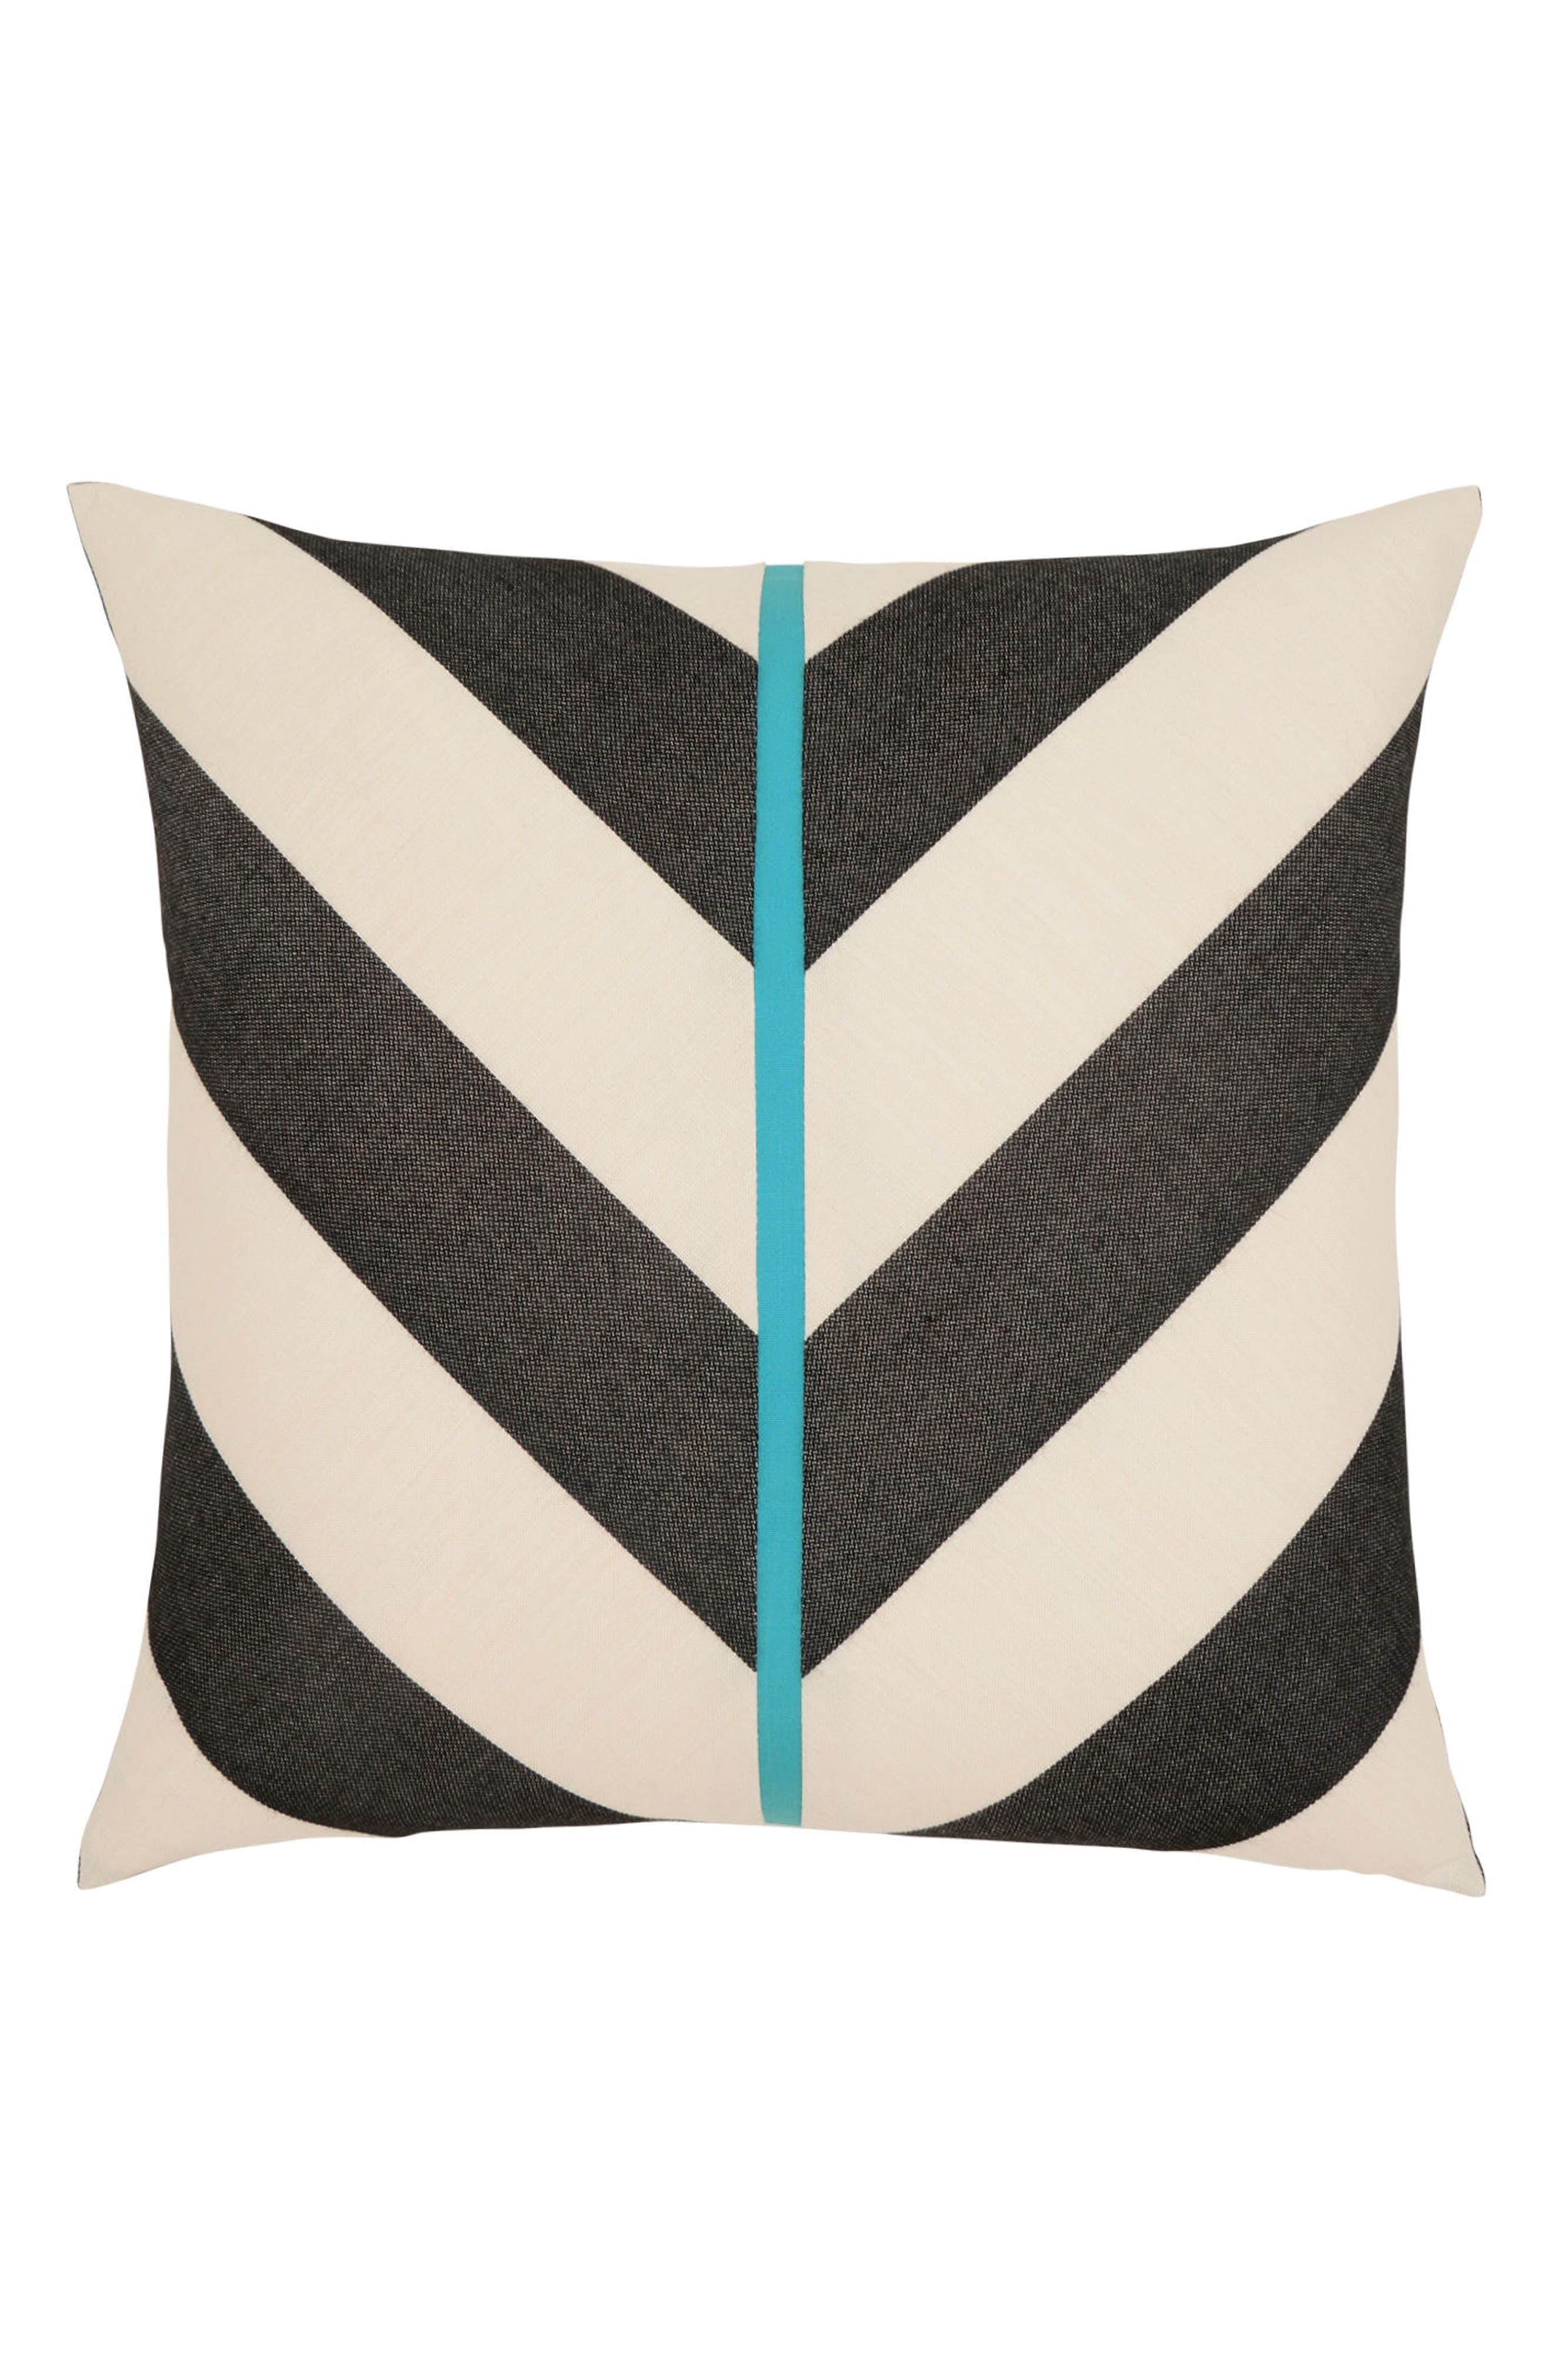 Elaine Smith Harmony Chevron Indoor/Outdoor Accent Pillow